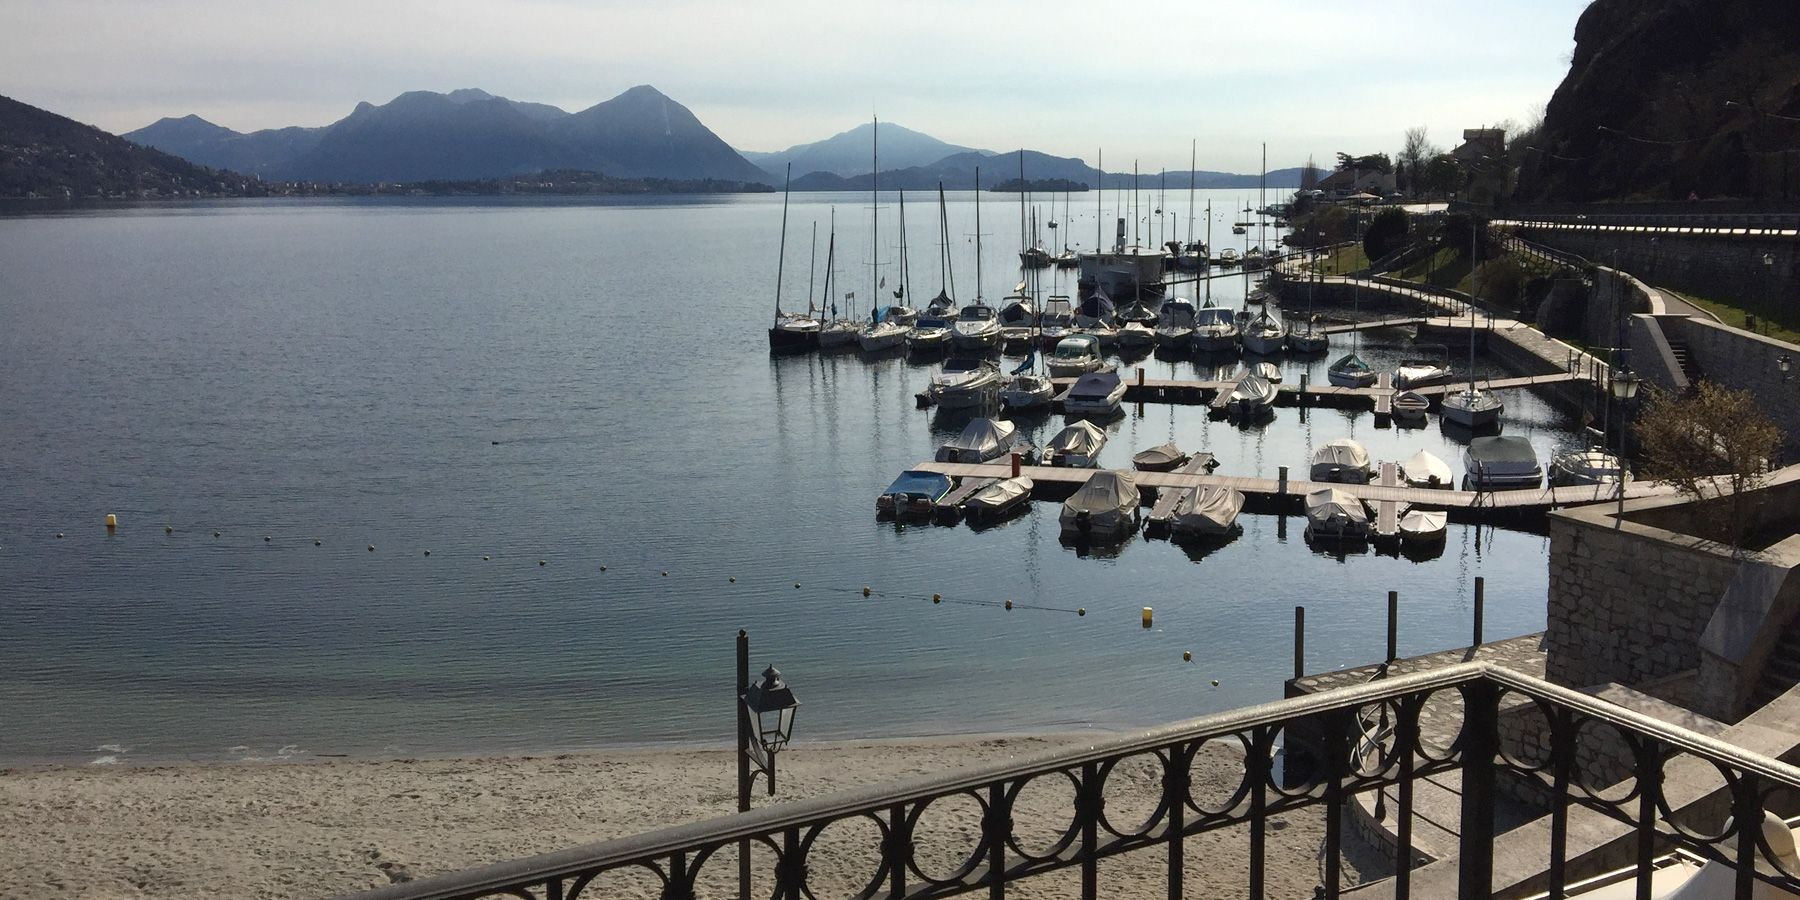 Wohnung kaufen Feriolo an der Seeufer